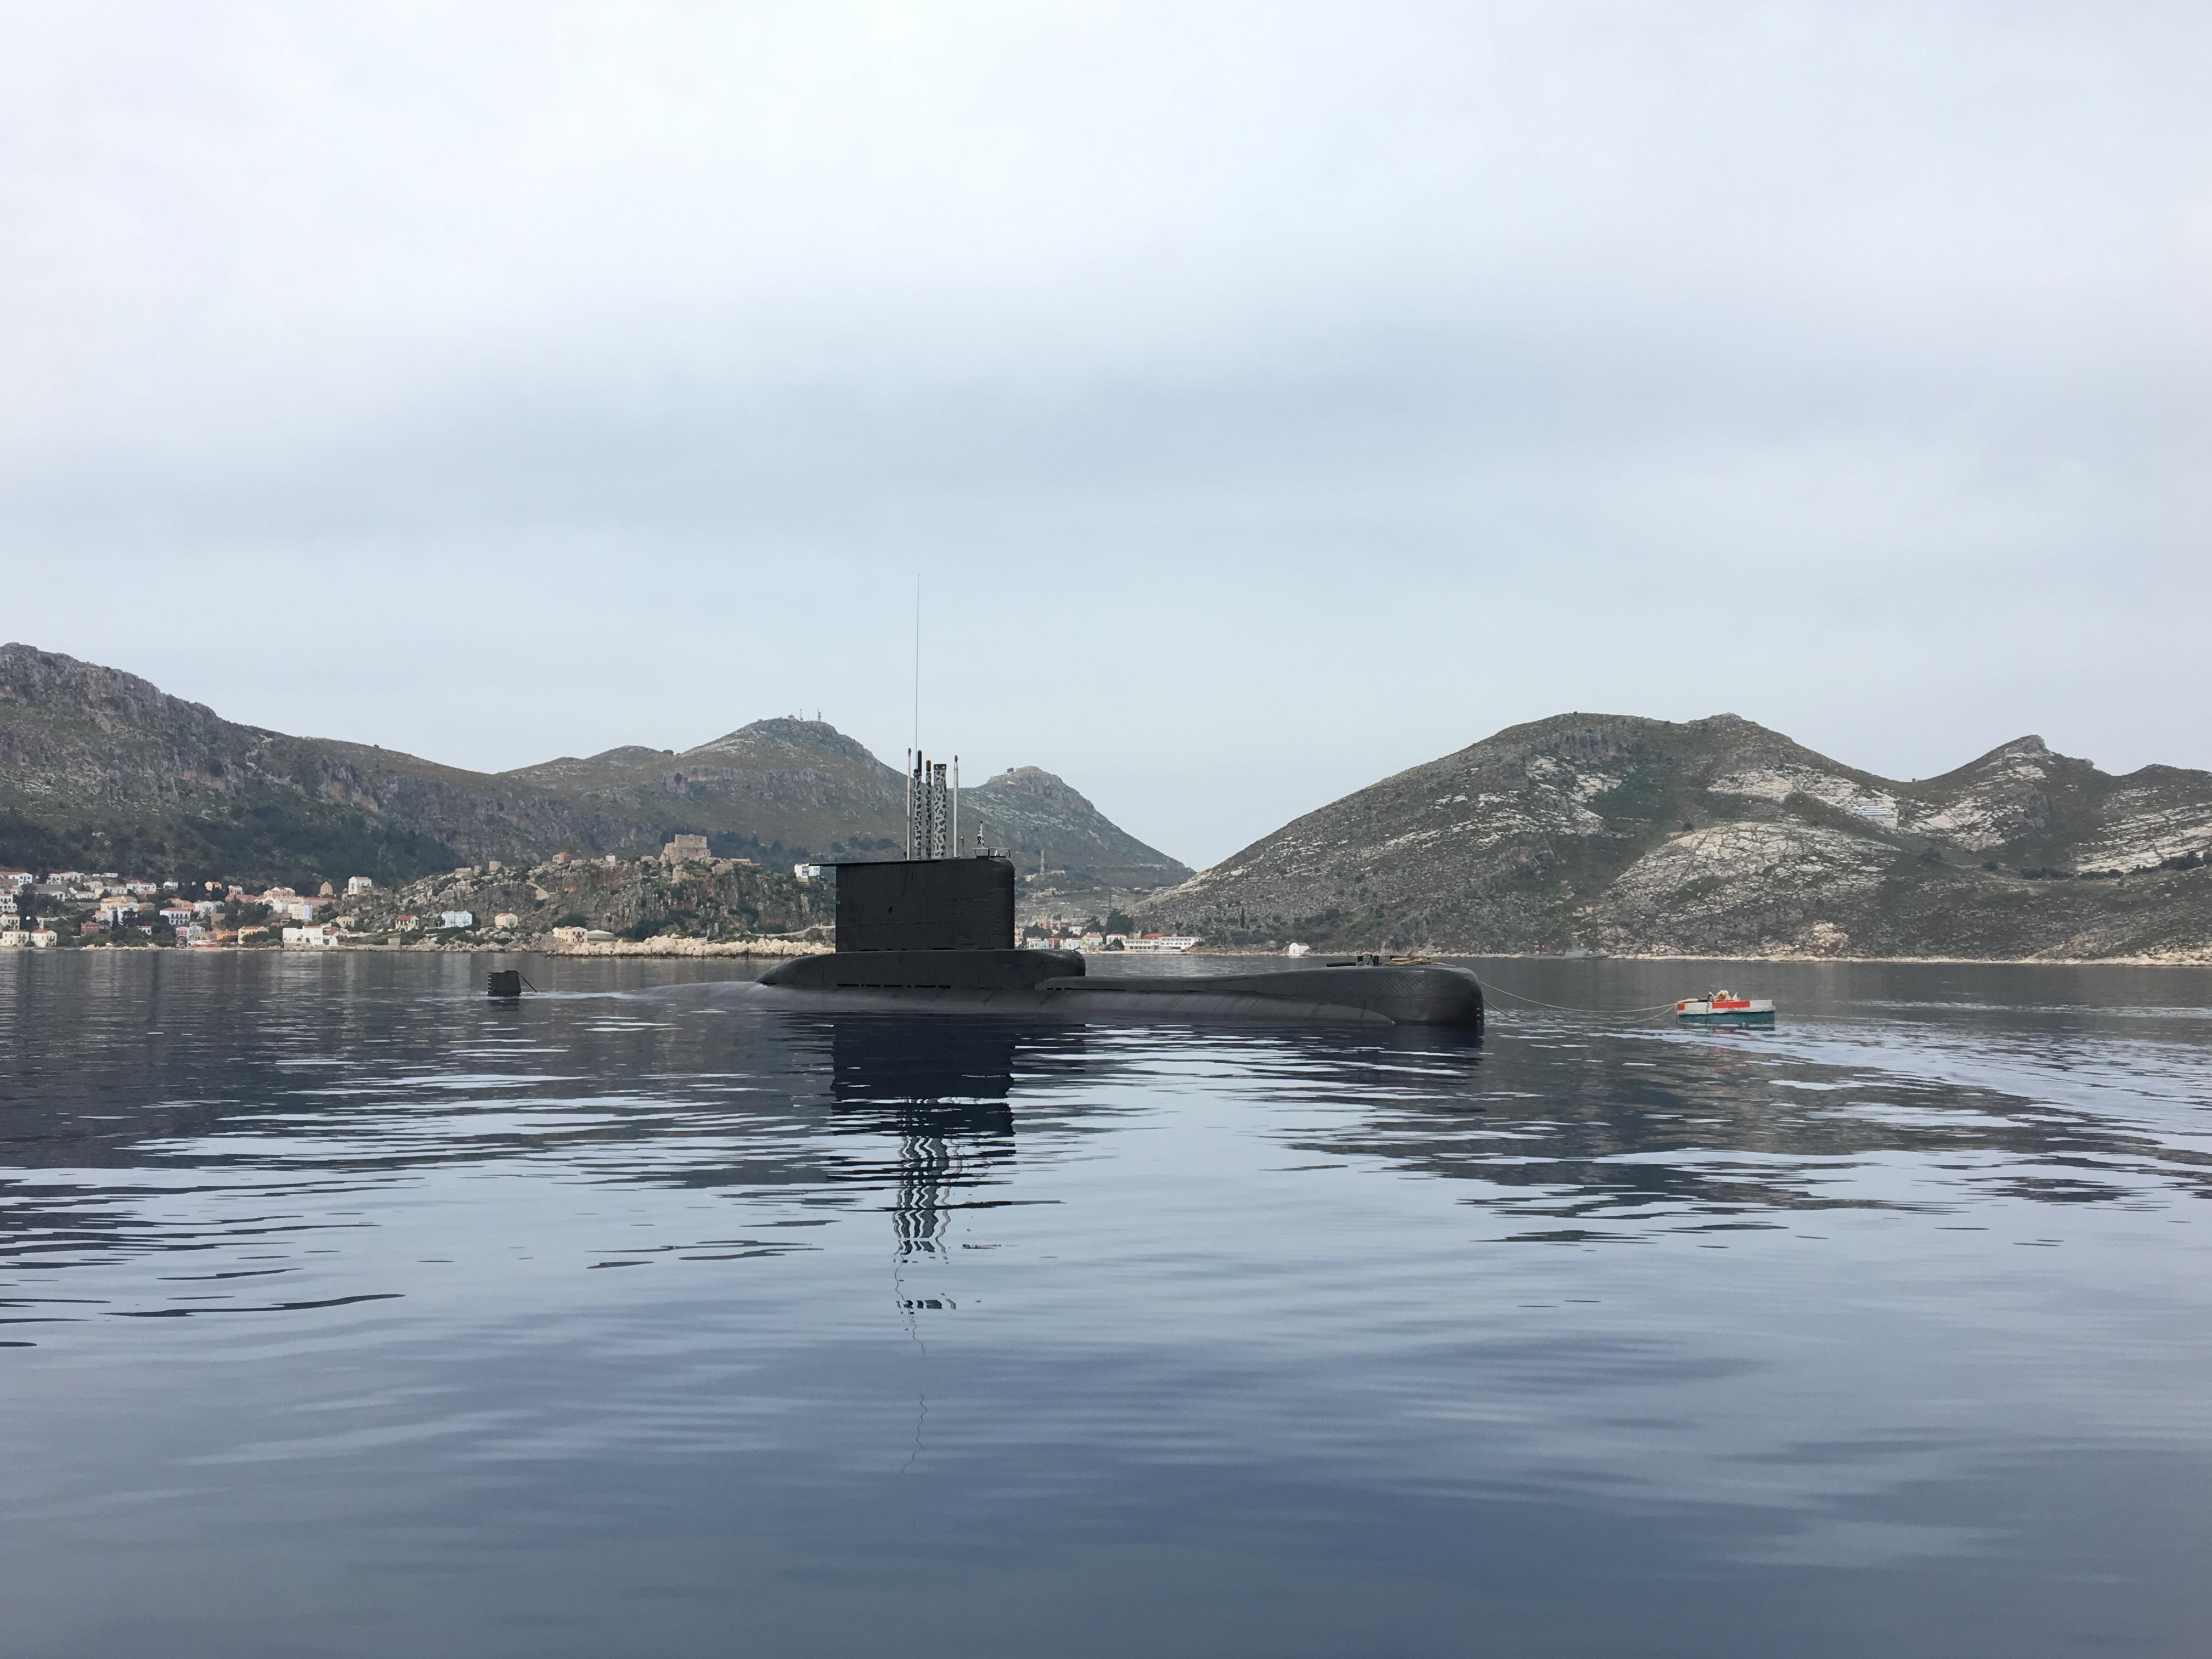 ΕΚΤΑΚΤΟ-ΚΡΙΣΗ: Οι «φονιάδες του Αιγαίου» λαμβάνουν θέσεις μάχης -Αποπλέει όλος ο τουρκικός στόλος – Σε ετοιμότητα οι μονάδες μας να κινηθούν προς Κύπρο - Εικόνα5